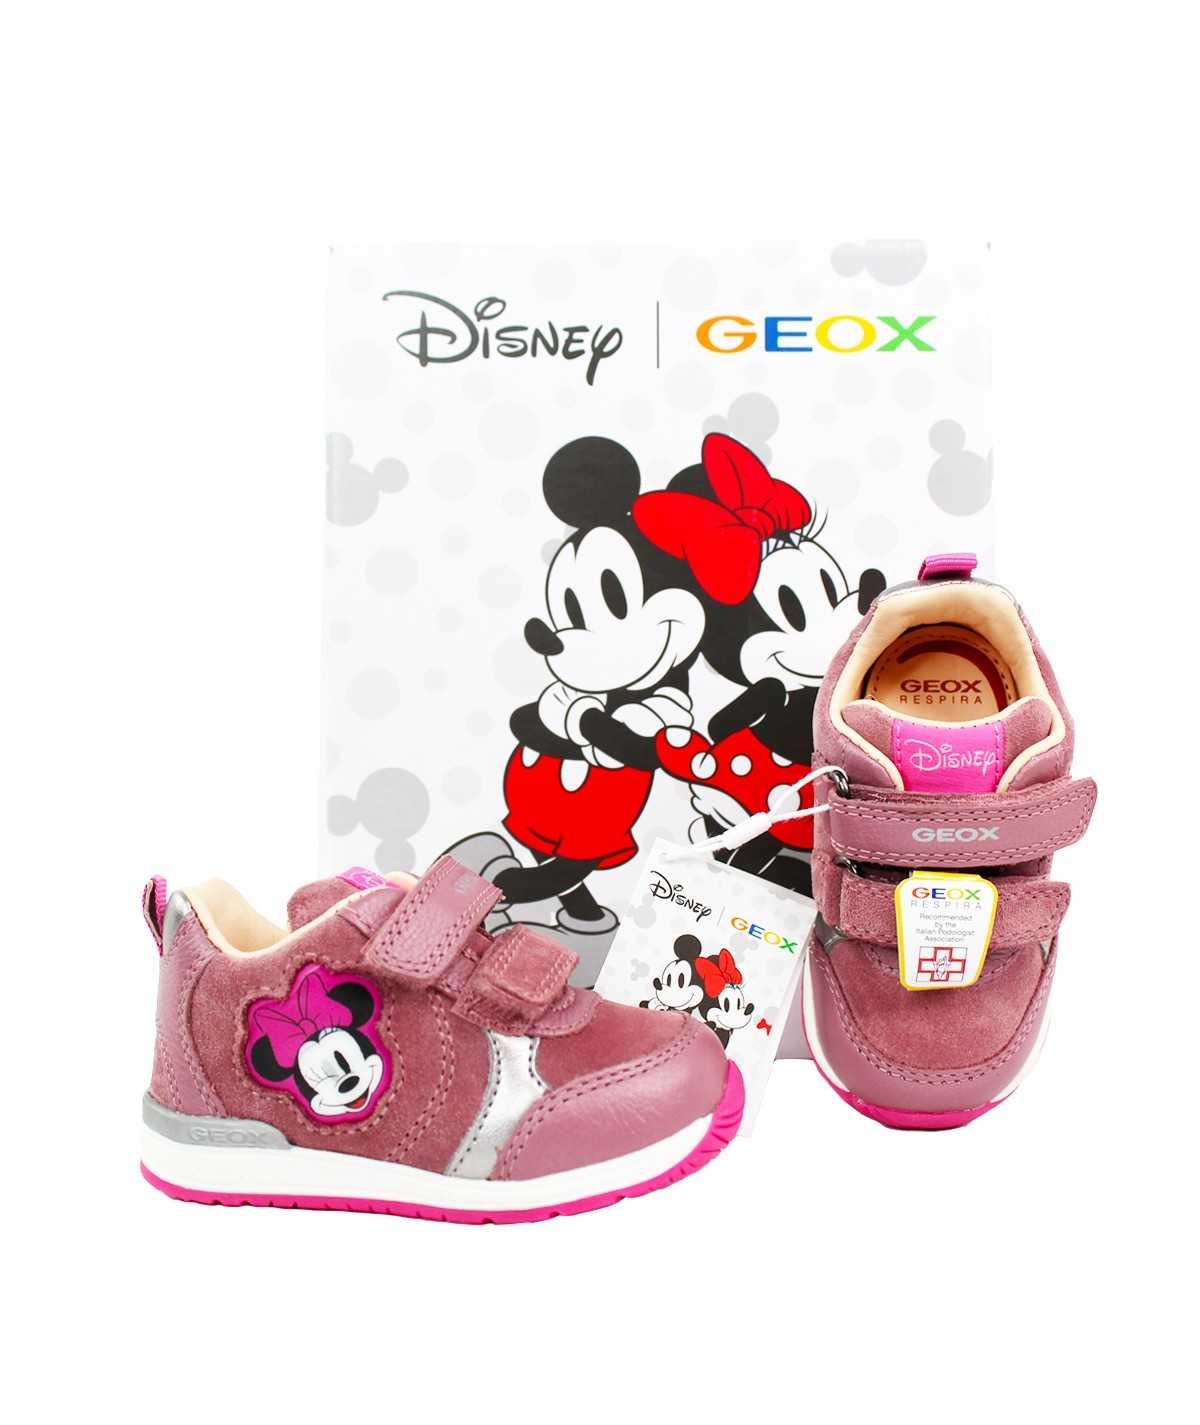 GEOX Sneakers Minnie 19/26